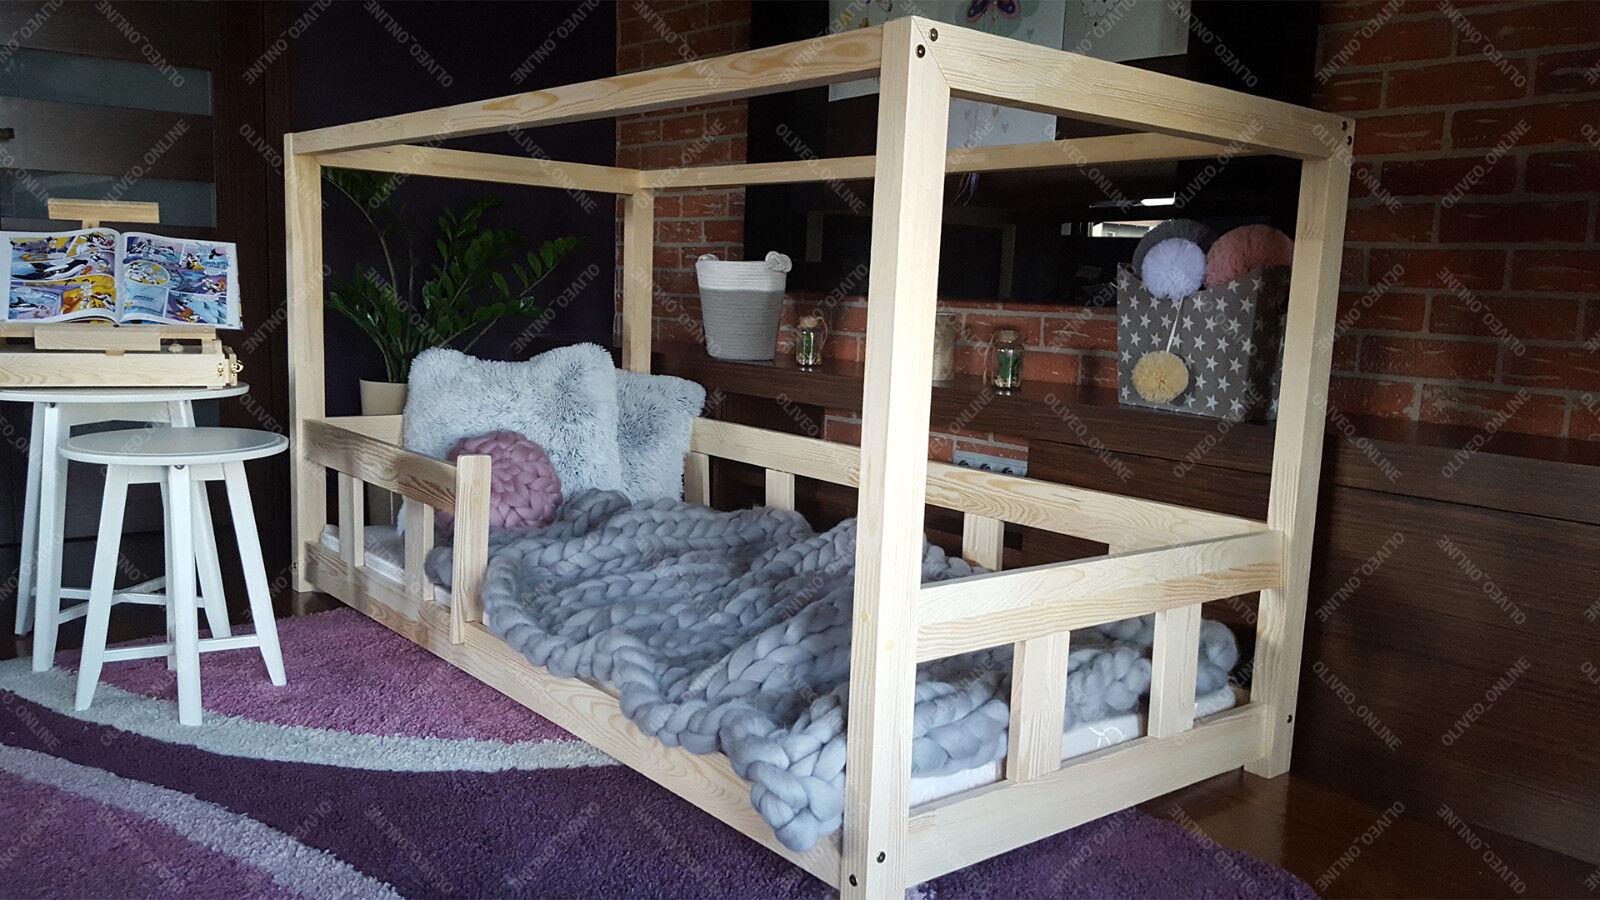 Hausebett kinderhaus Lit pour enfants Lit bébé bois massif spielbett Bois Maison